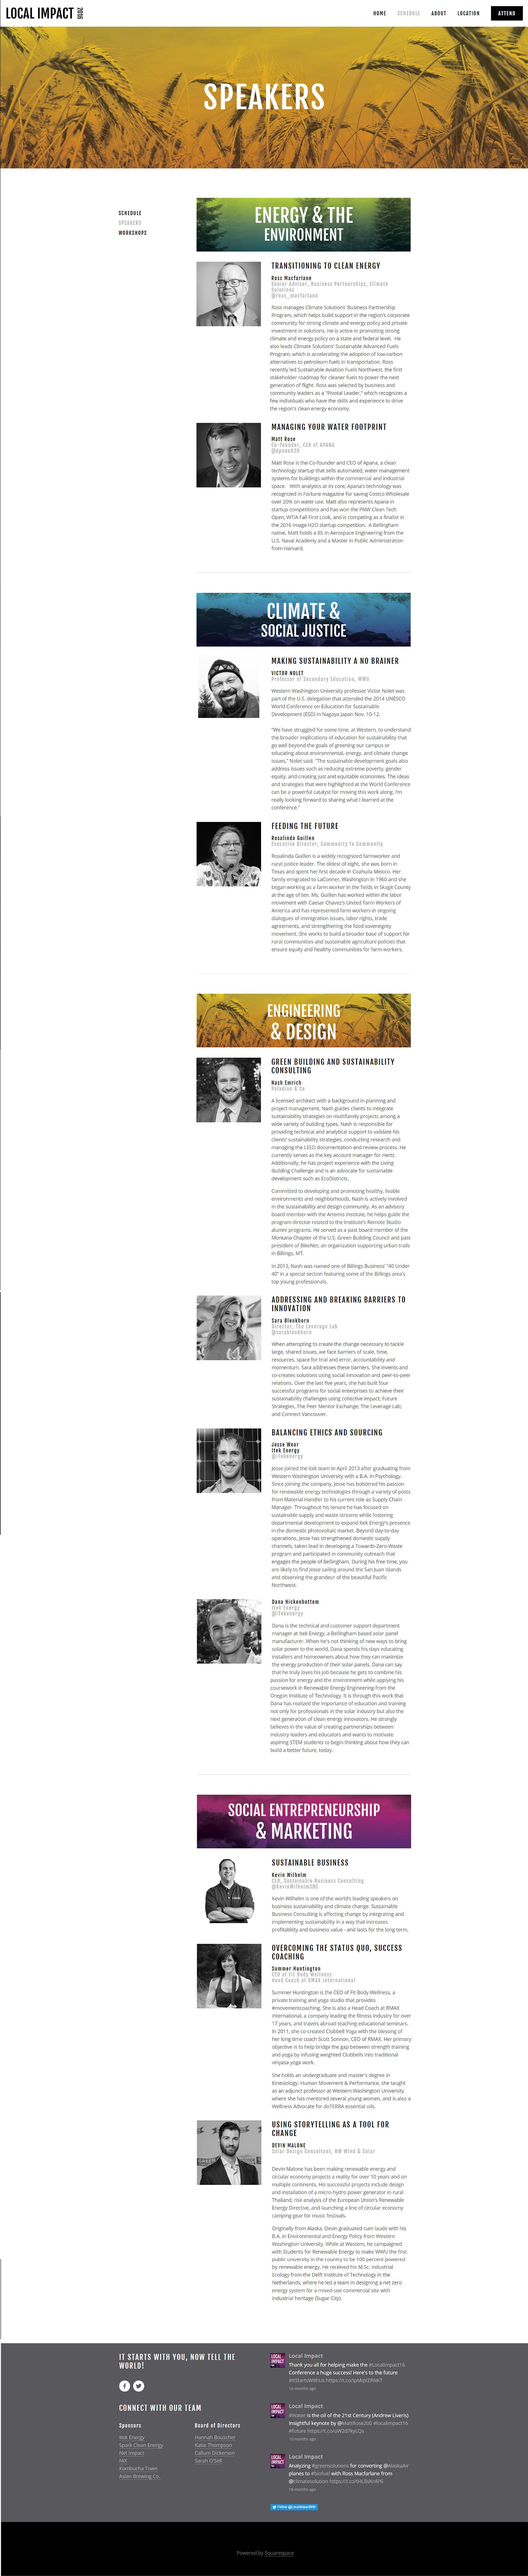 Website+(3+of+10) - Small.jpg